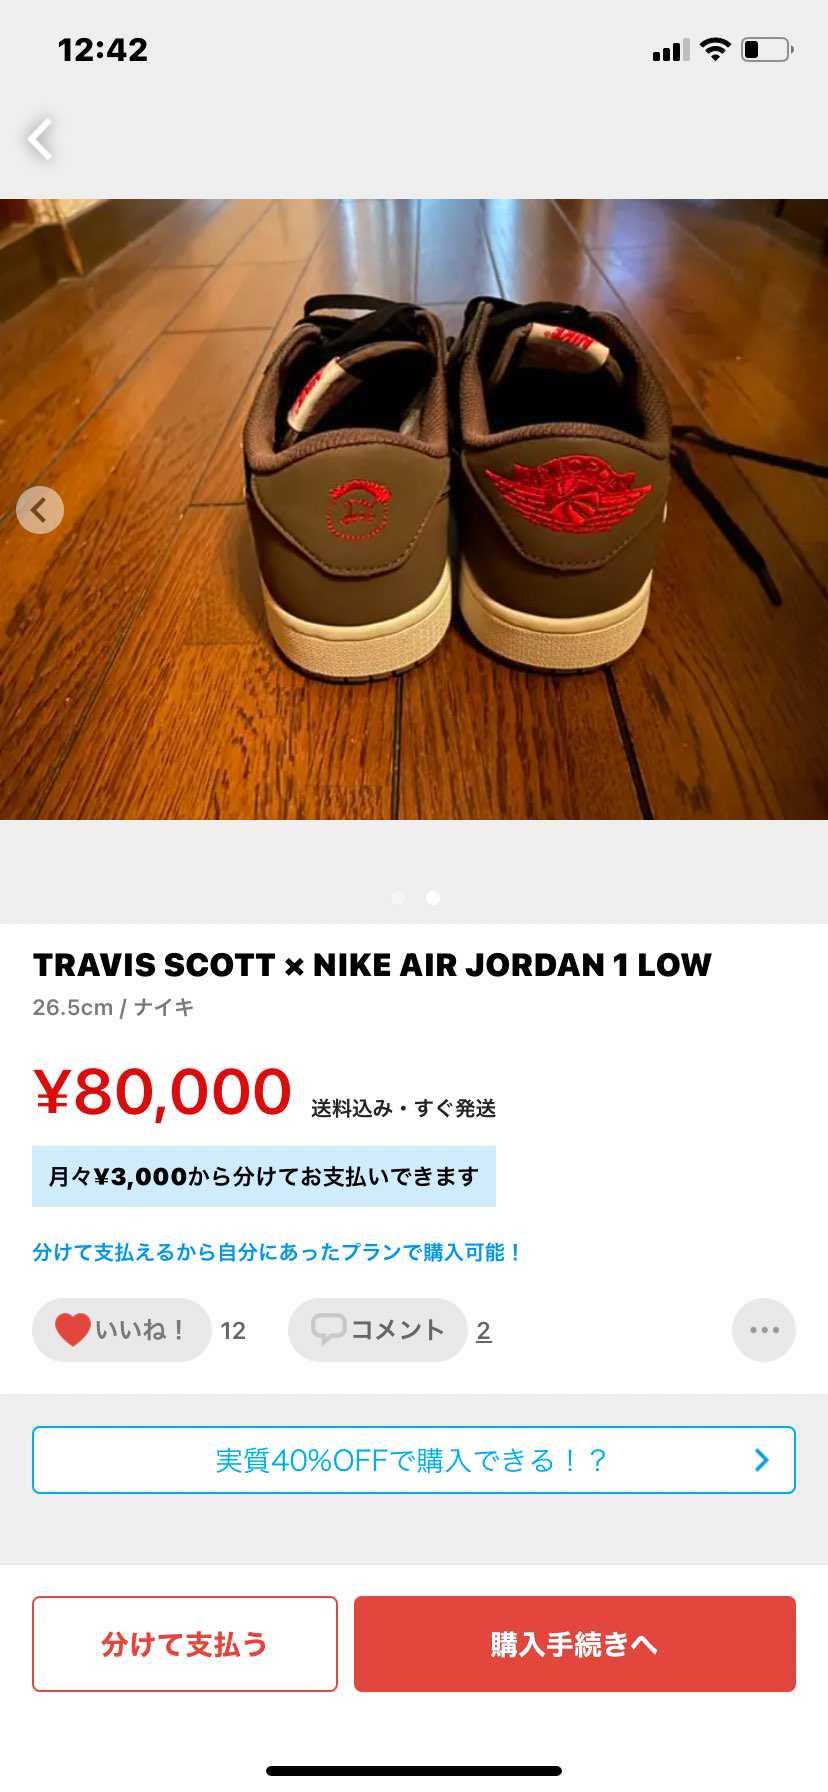 『TRAVIS SCOTT × NIKE AIR JORDAN 1 LOW (¥